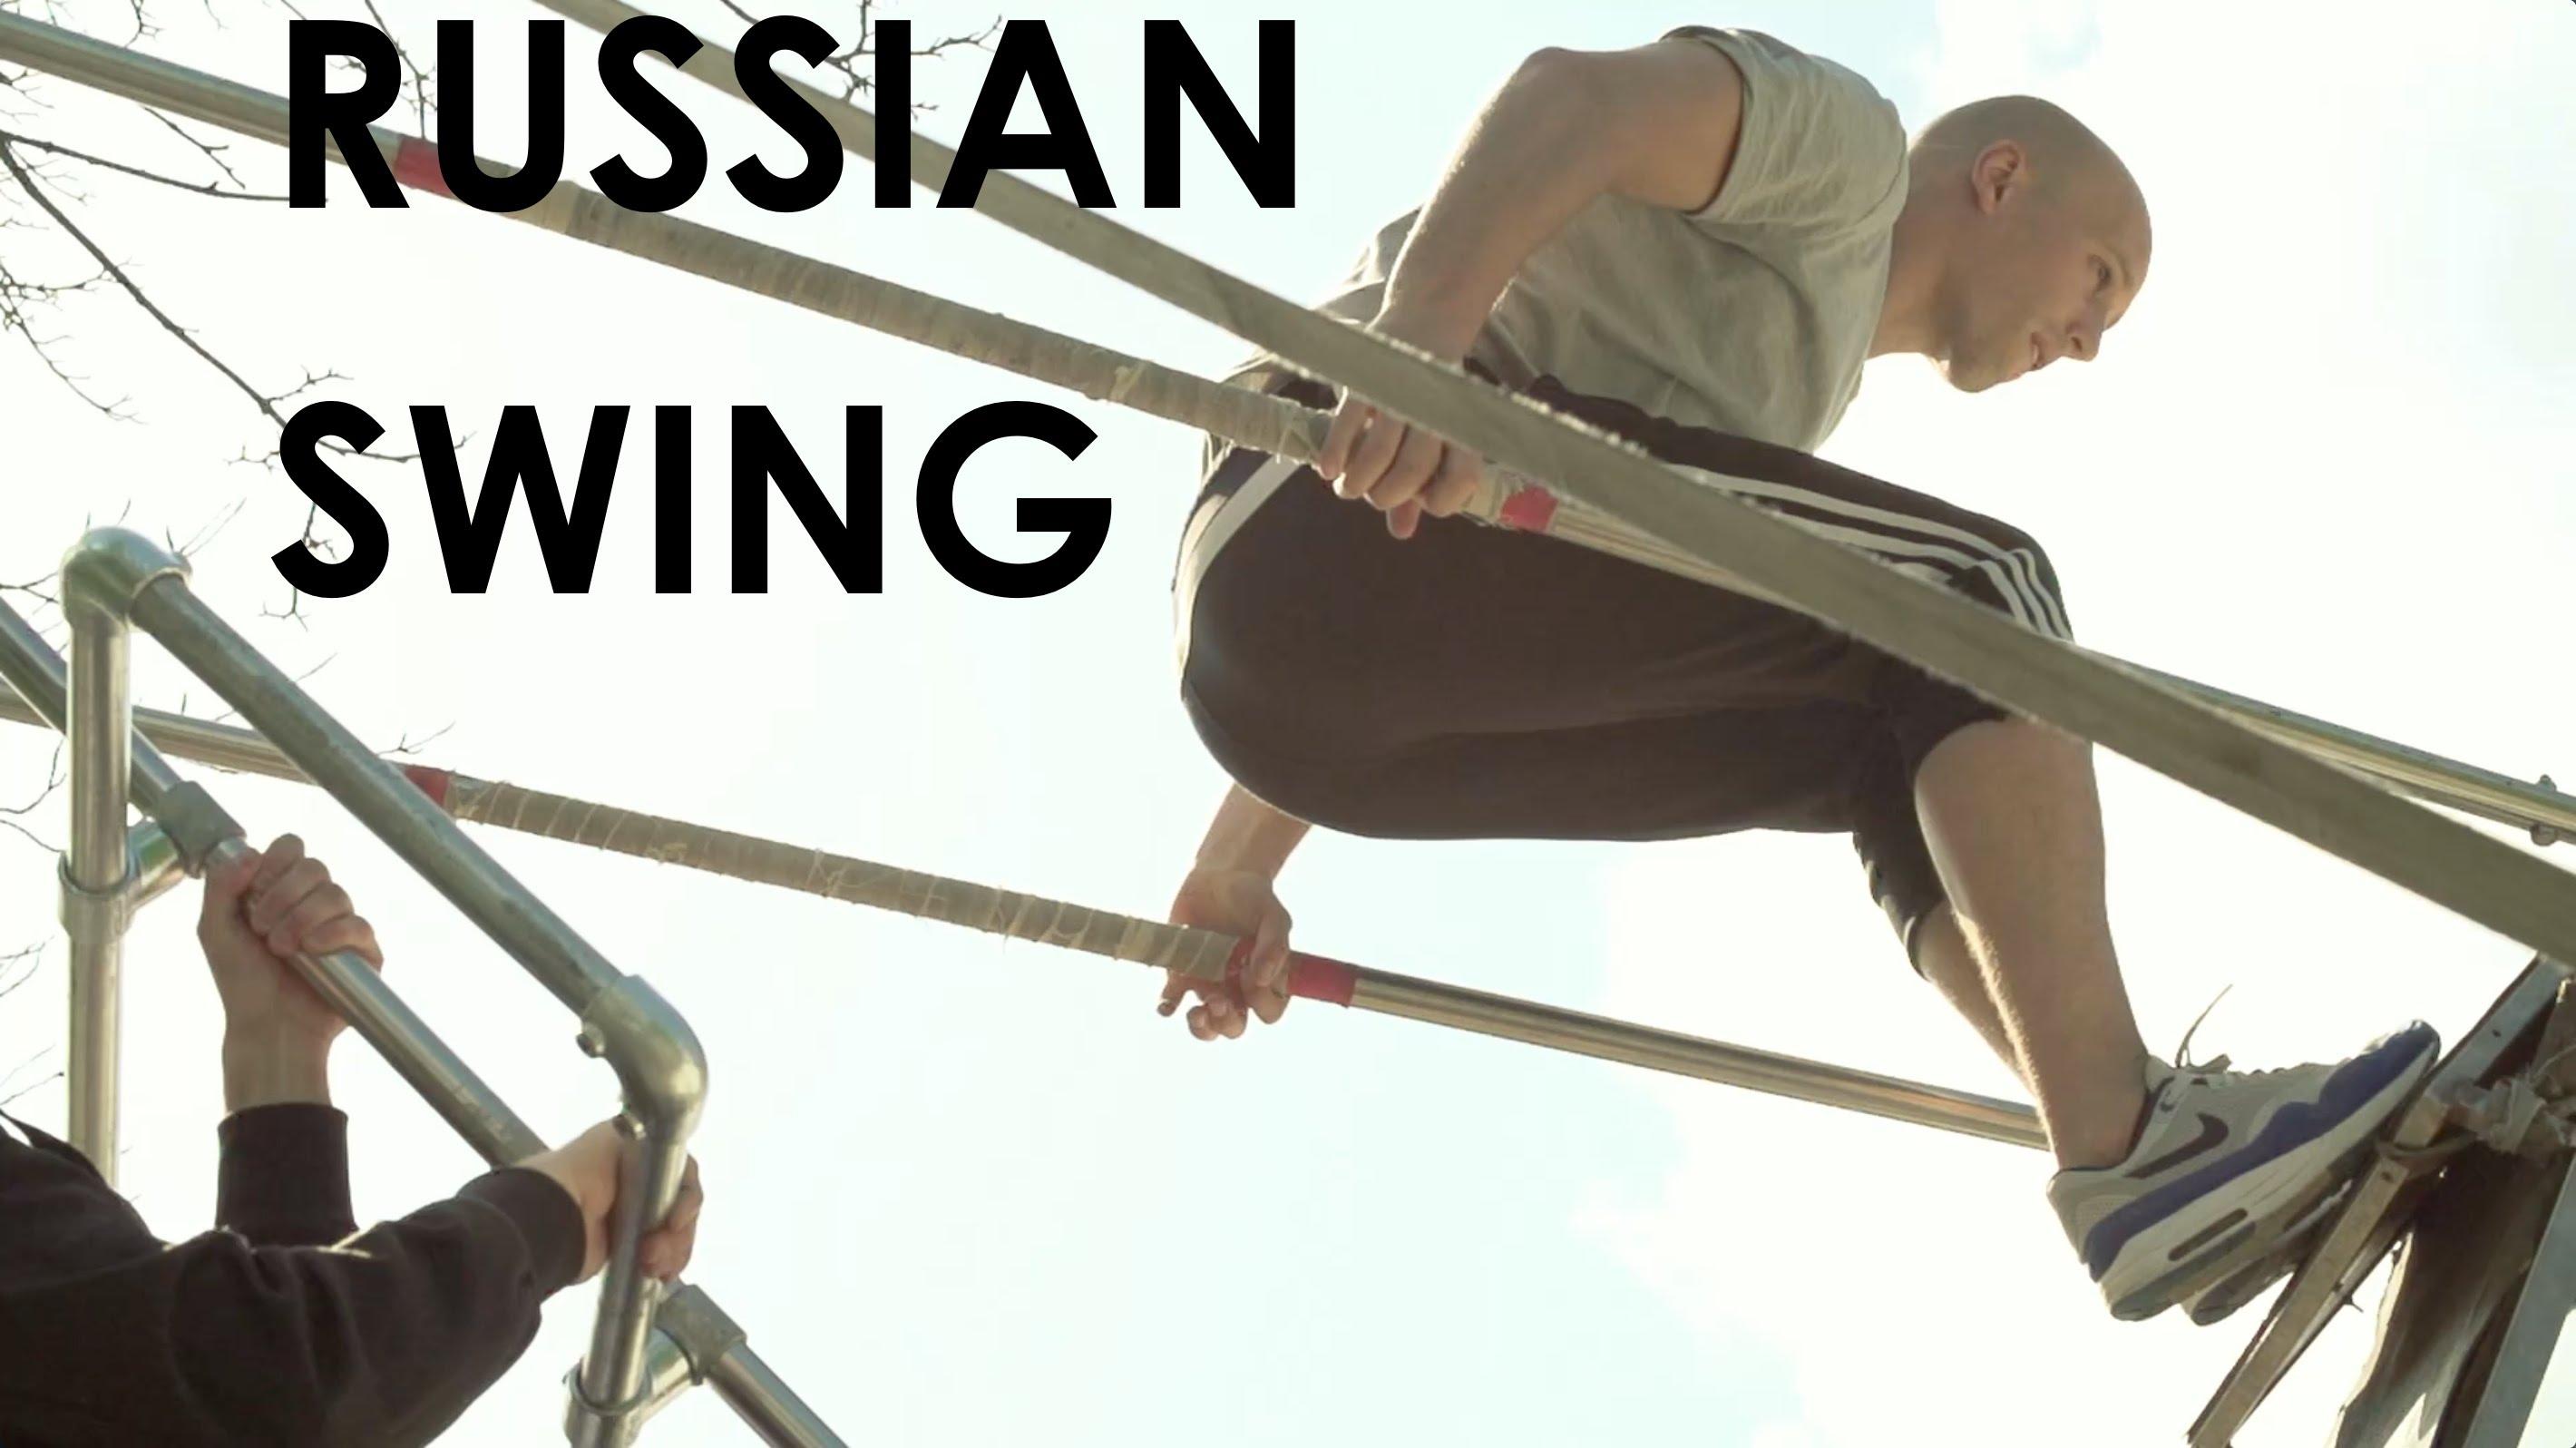 立ちこぎのブランコからジャンプして家の屋根を乗り越えるスゴ技